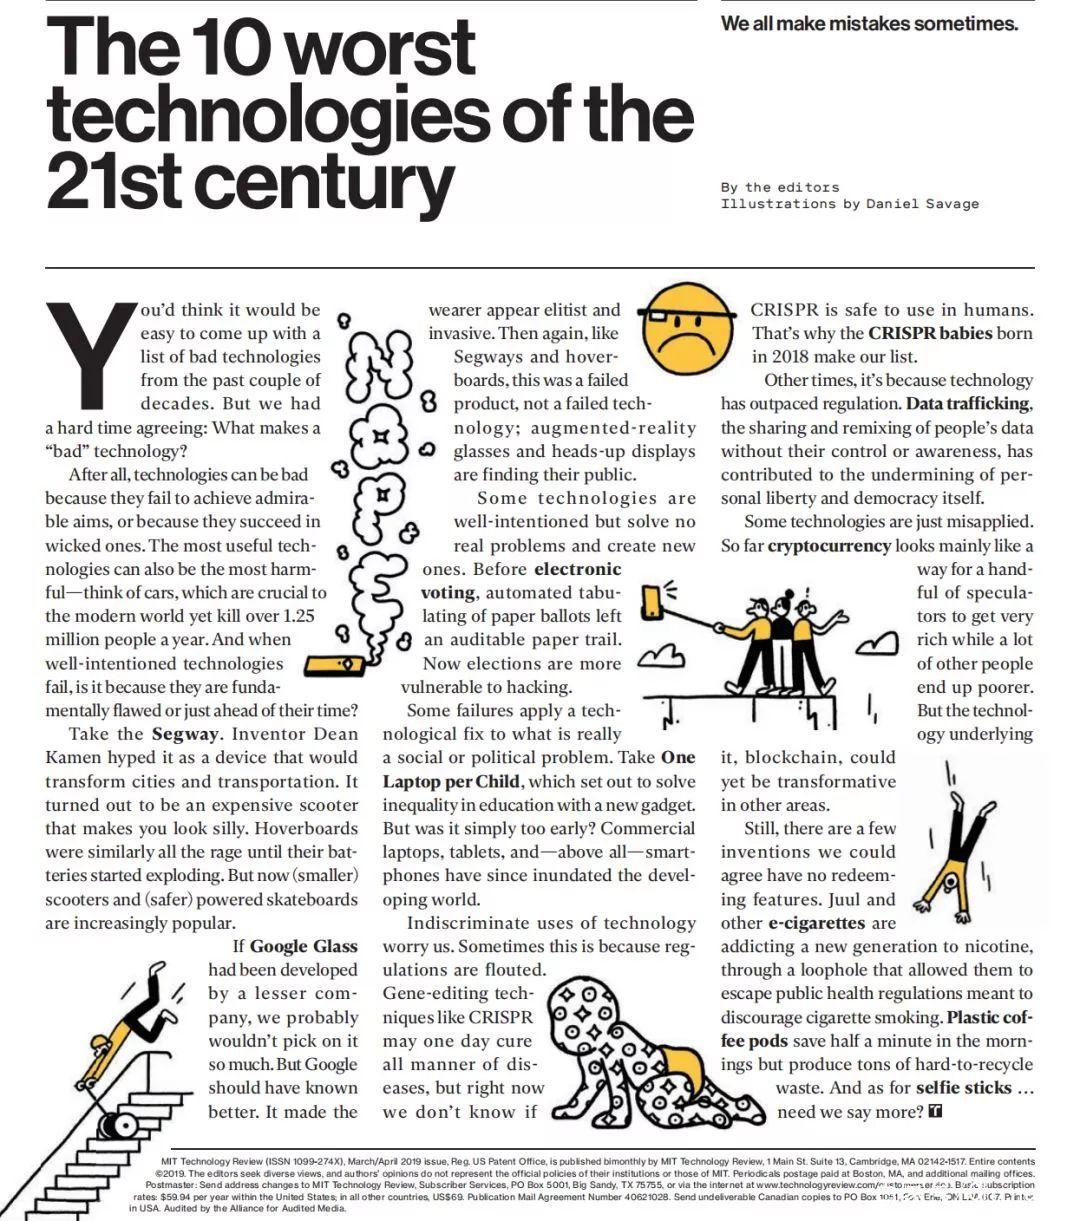 21世纪迄今十大最糟科技出炉 电子烟竟然上榜